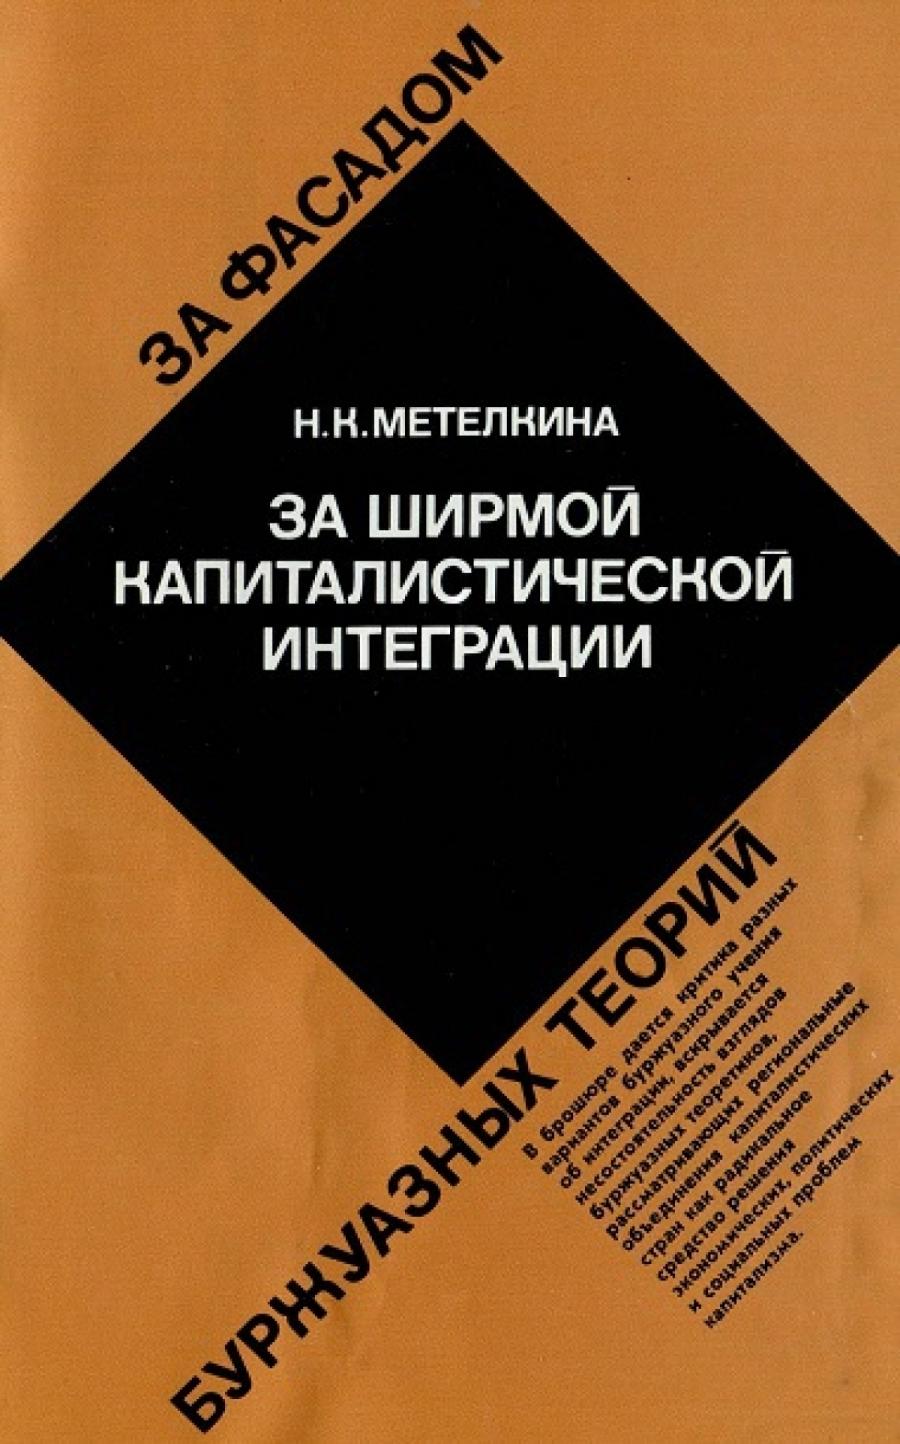 Обложка книги:  метелкина нина константиновна - за ширмой капиталистической интеграции